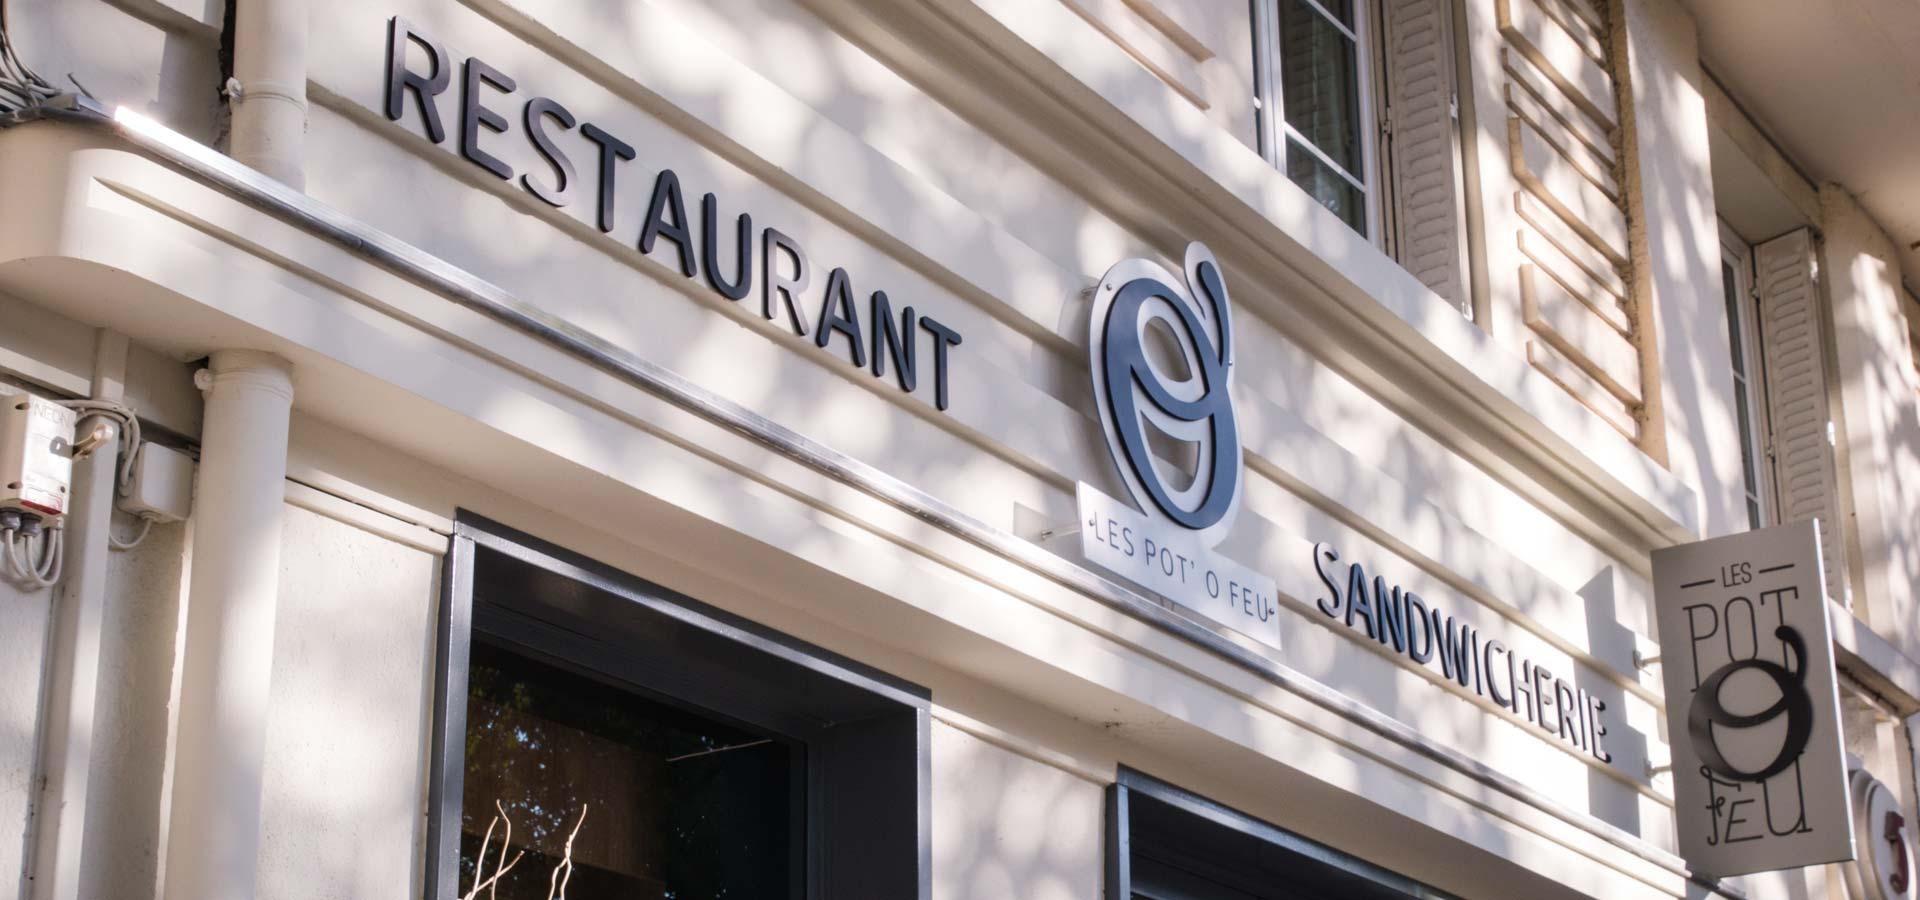 devanture-restaurant-sandwicherie-traiteur-place-de-bretagne-rennes